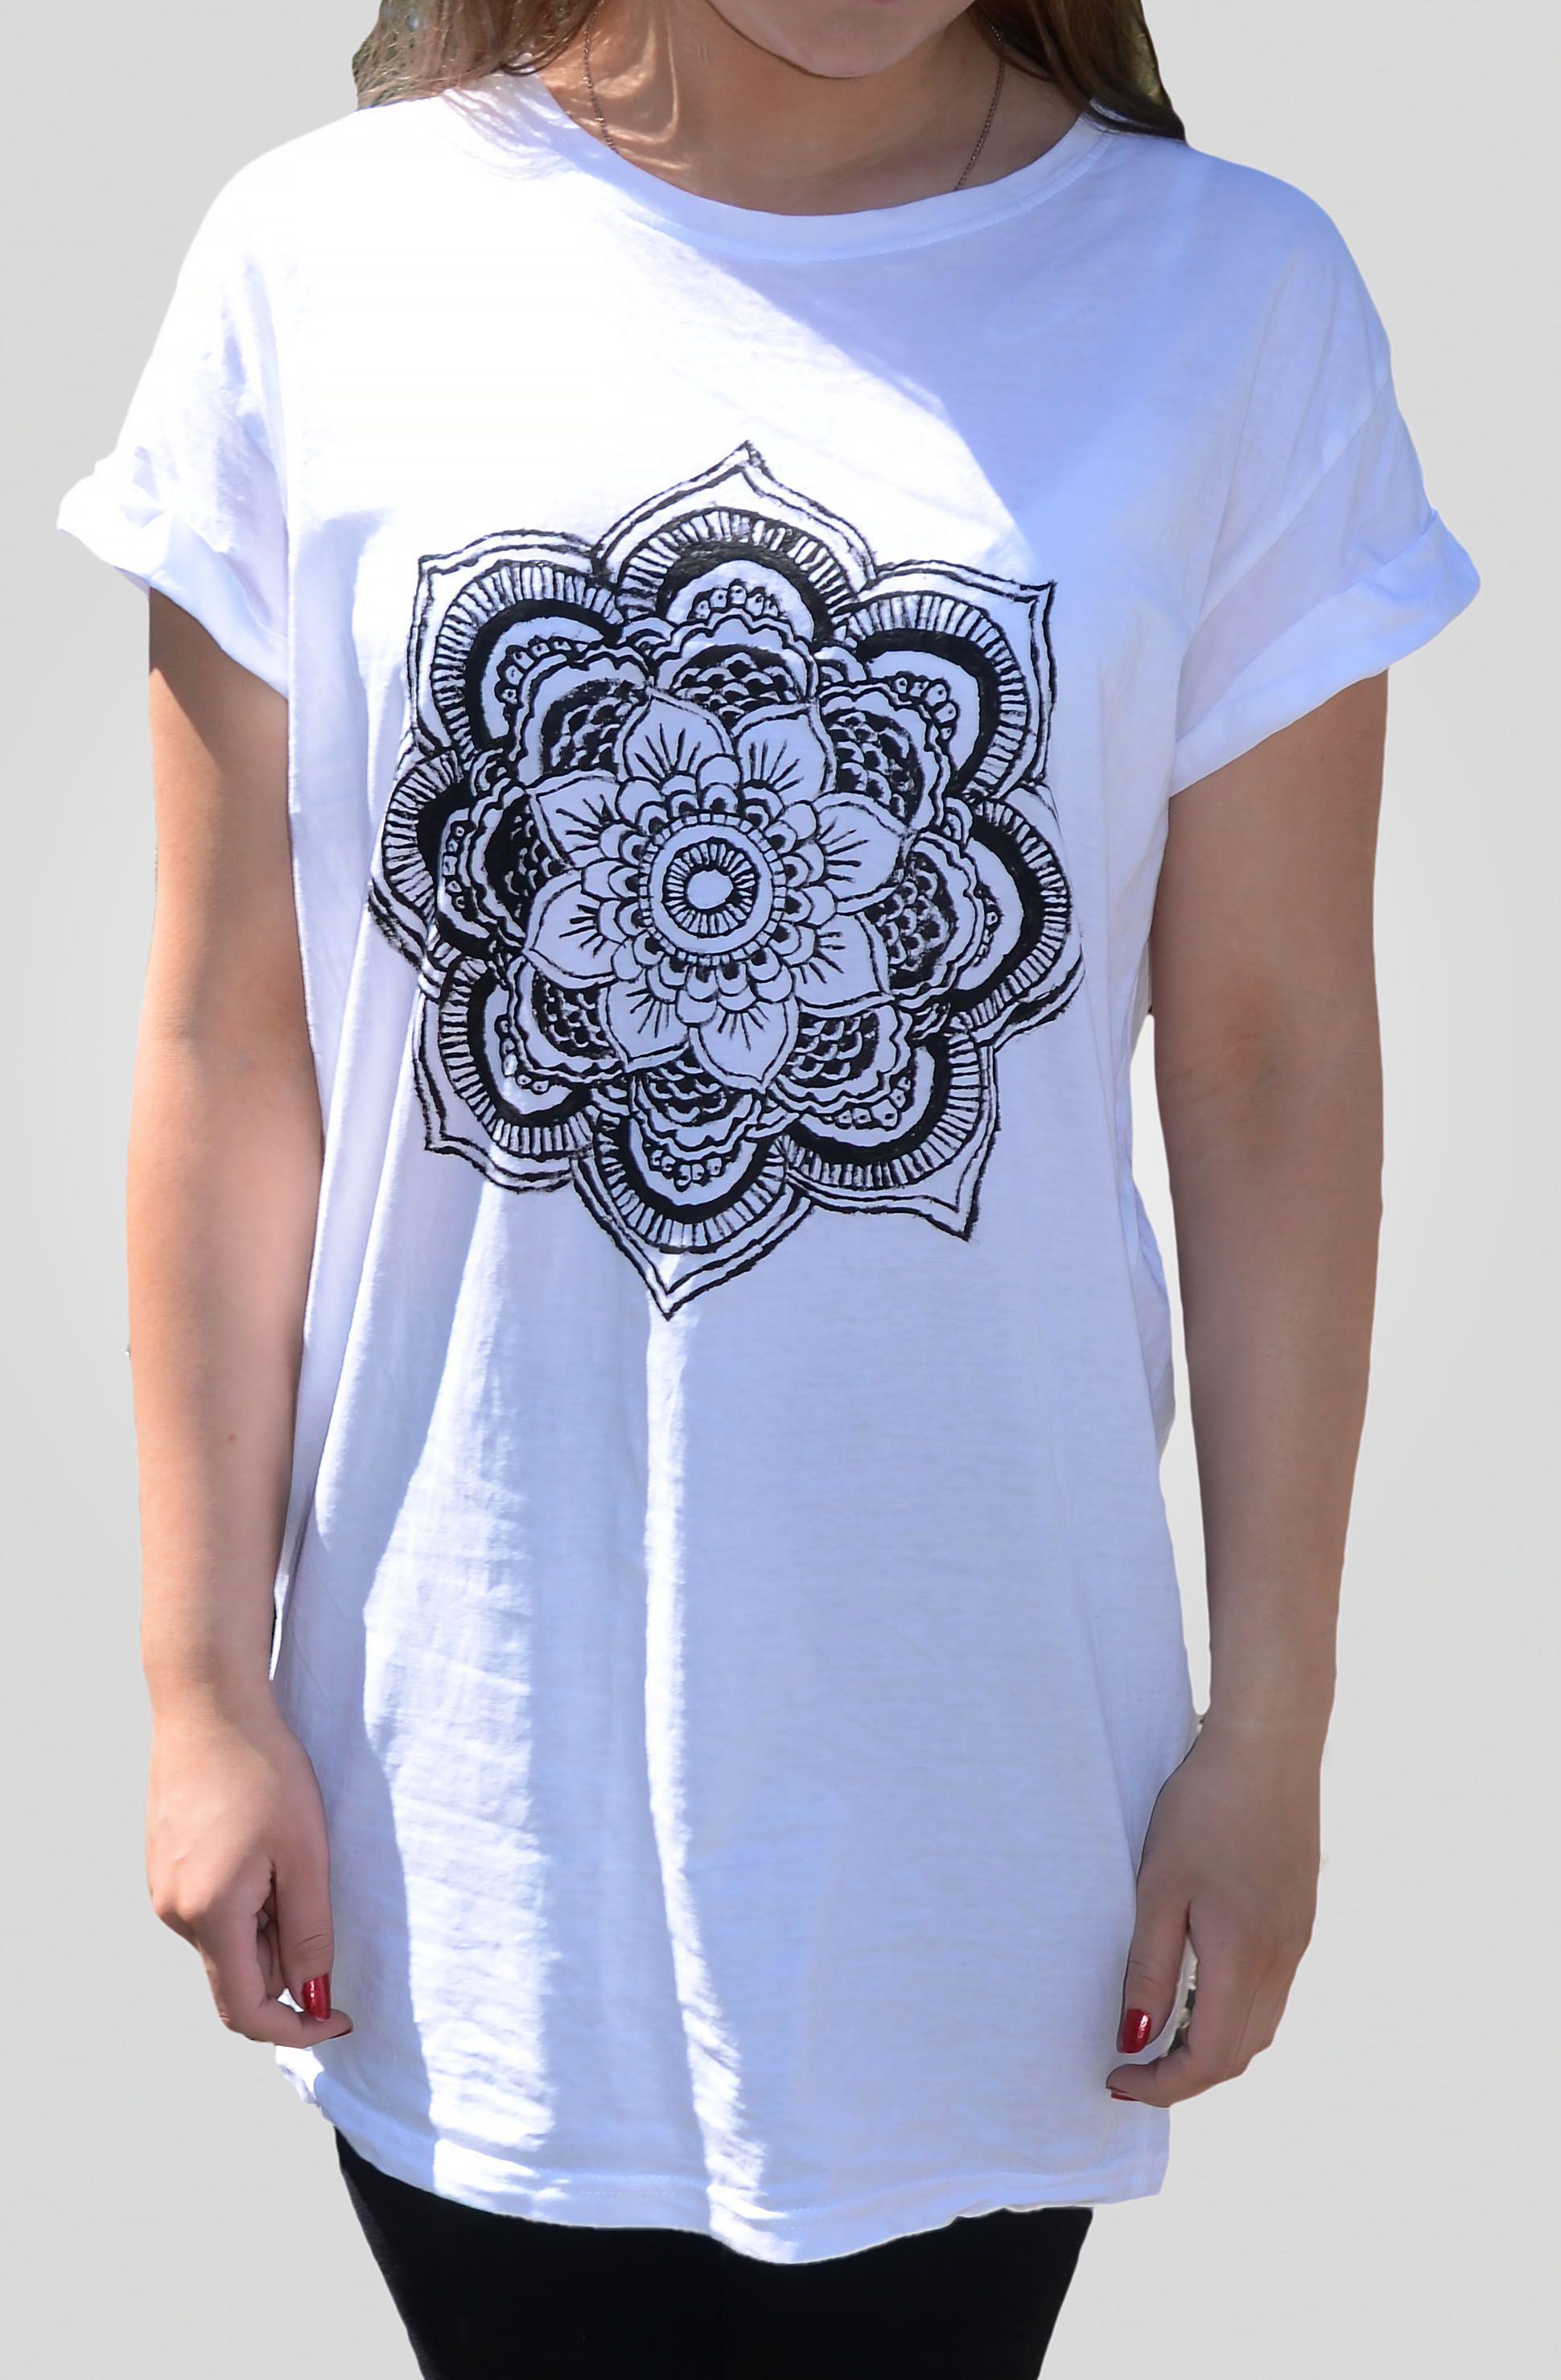 Diy mandala shirt! This looks so easy ✌️ | Business ideas